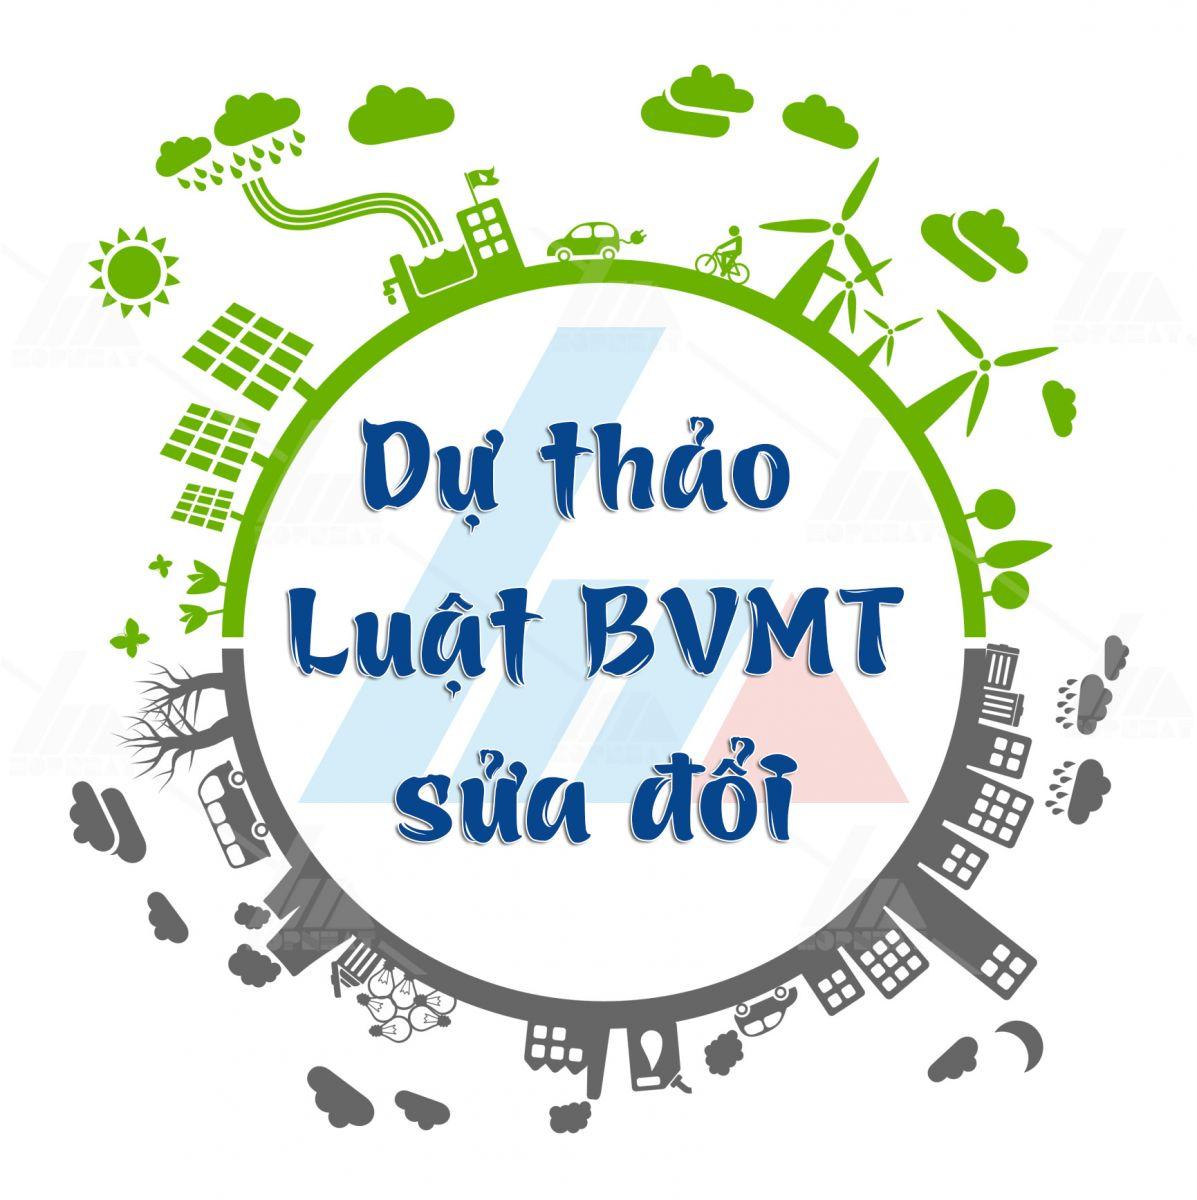 Dự thảo Luật BVMT sửa đổi